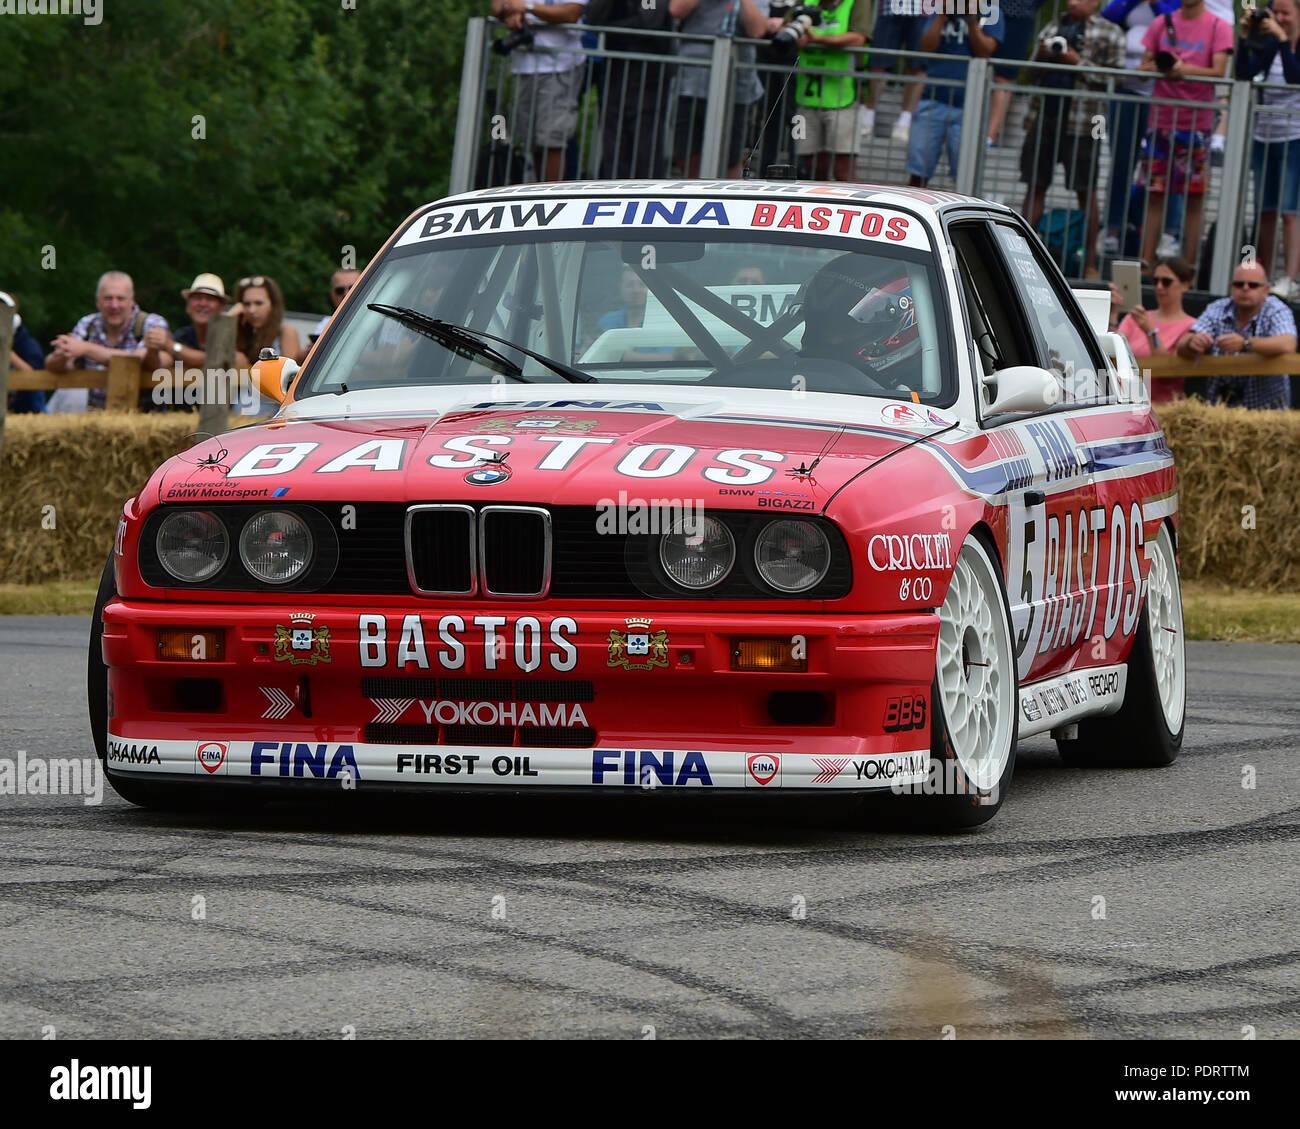 Bmwcar: Bmw E30 M3 Stock Photos & Bmw E30 M3 Stock Images